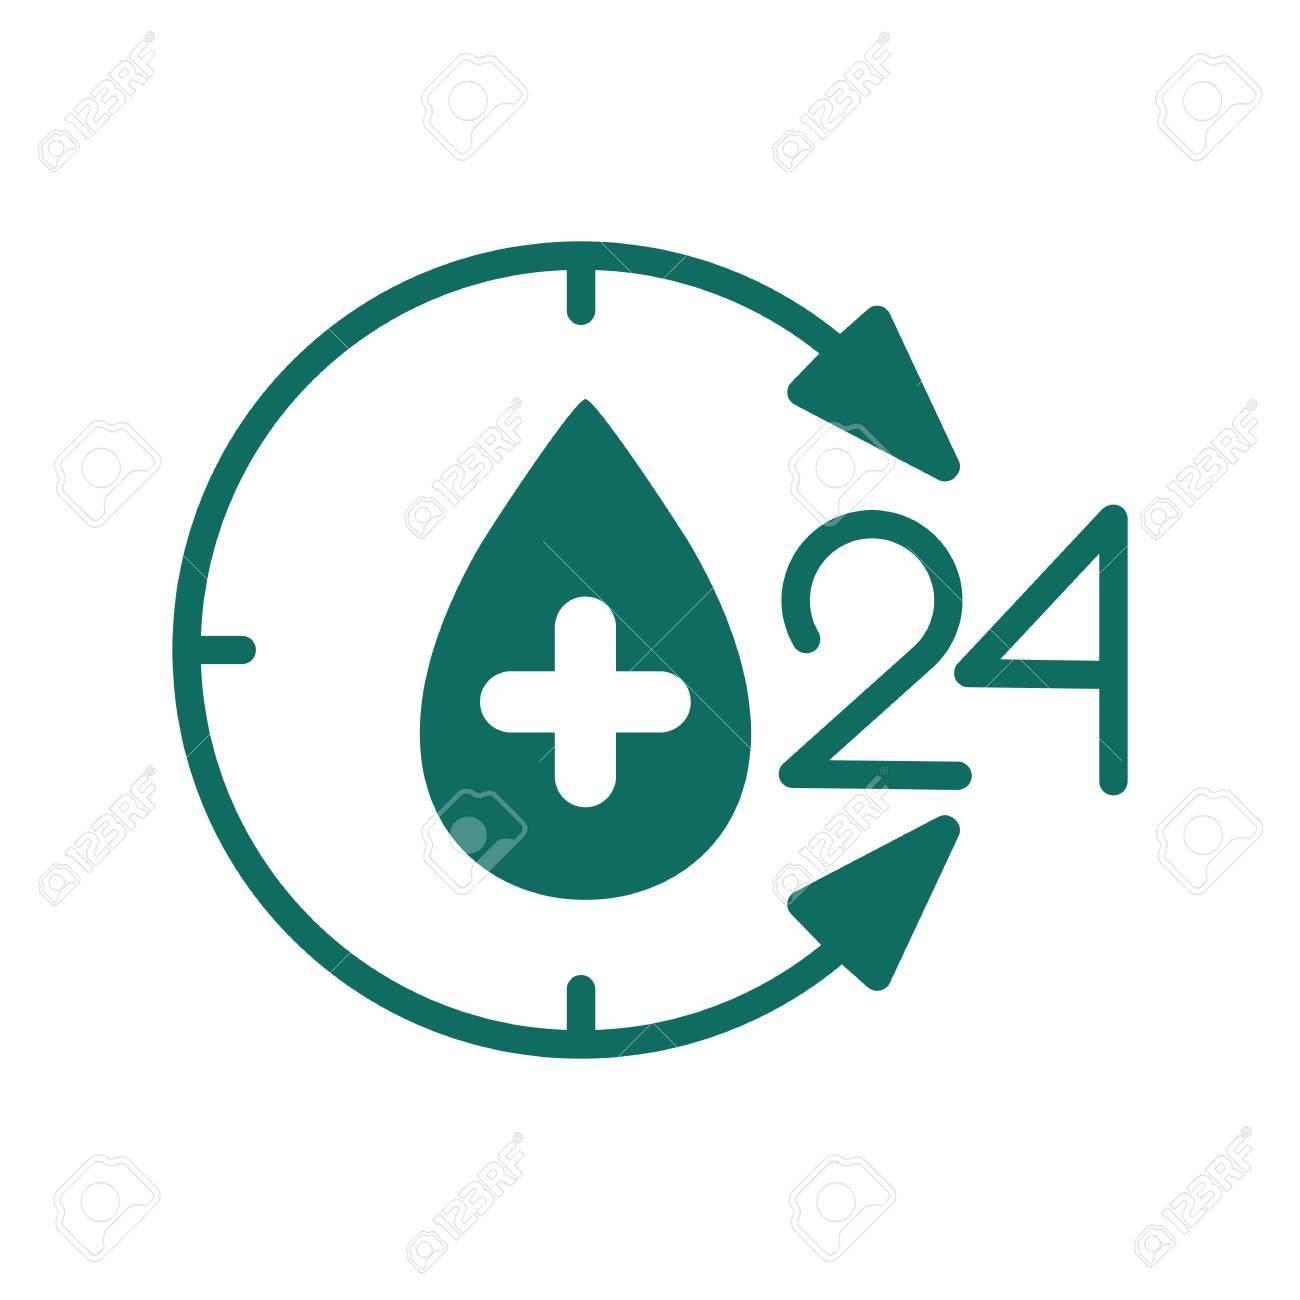 Concepto De GráficosObjetos RelojMedicina SaludInformación Alrededor Médica Servicios Elementos Aislados Señal La Emergencia 9E2IYHWD